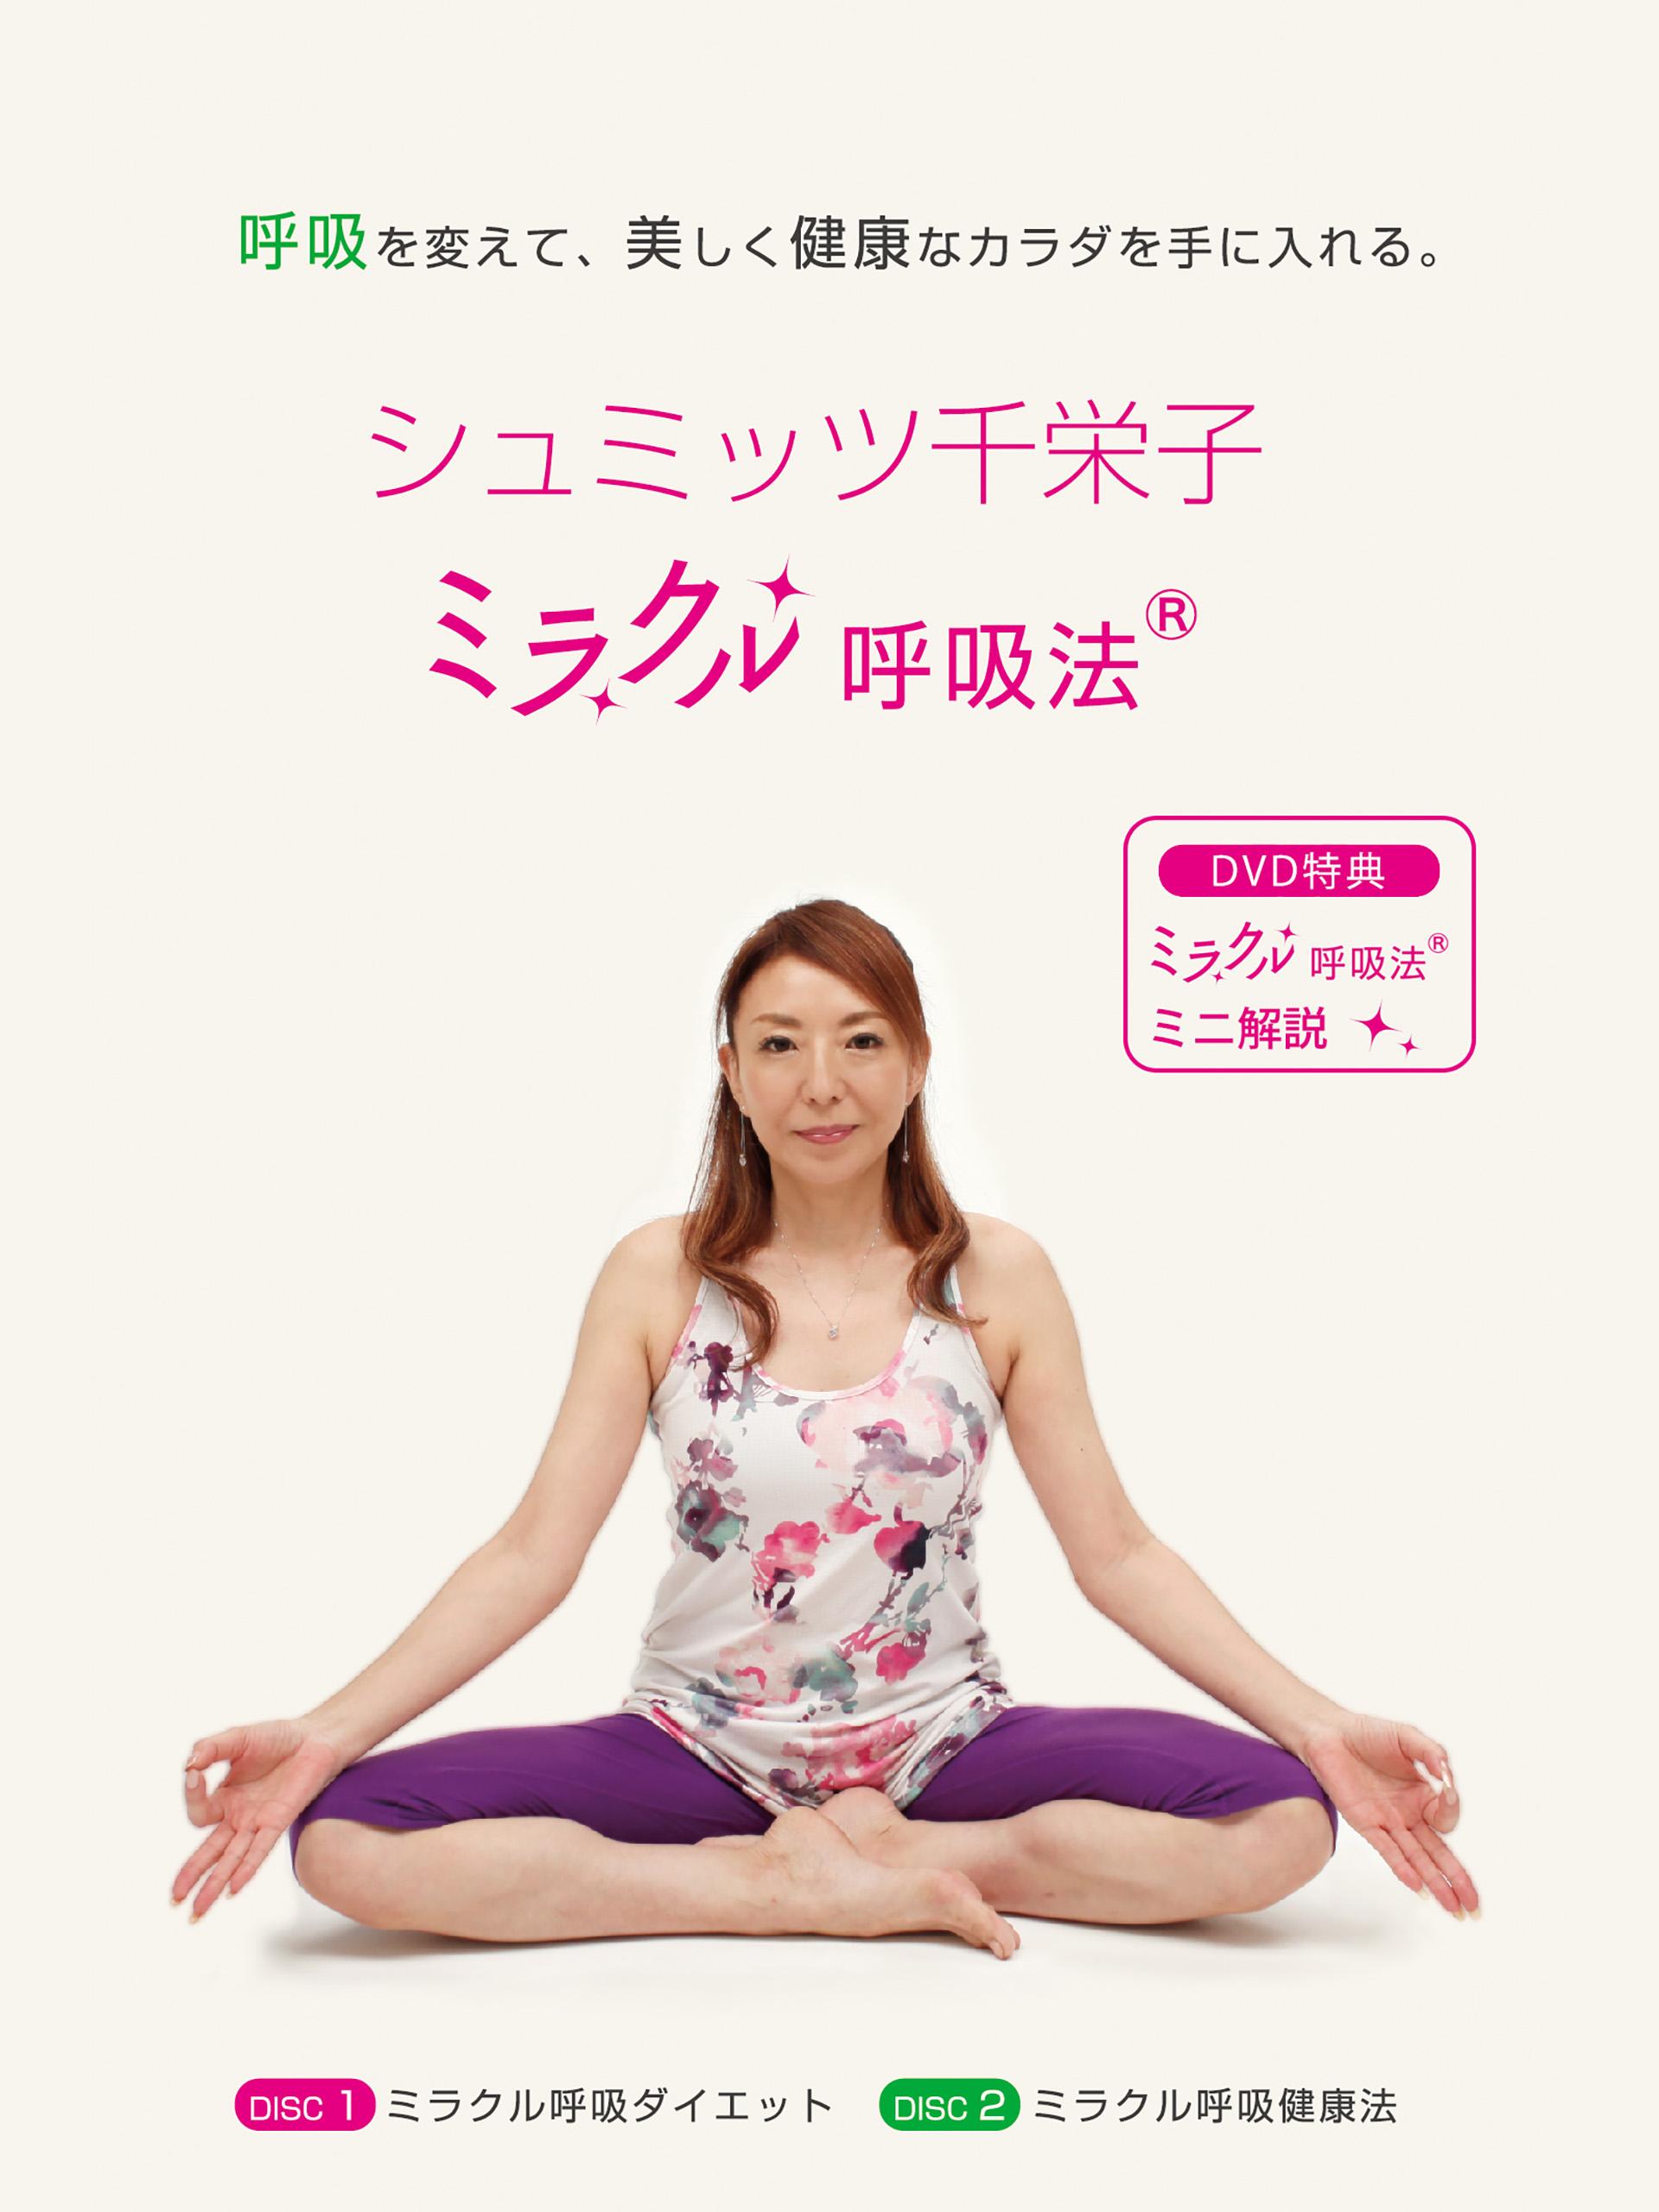 シュミッツ千栄子 ミラクル呼吸法 DVD特典